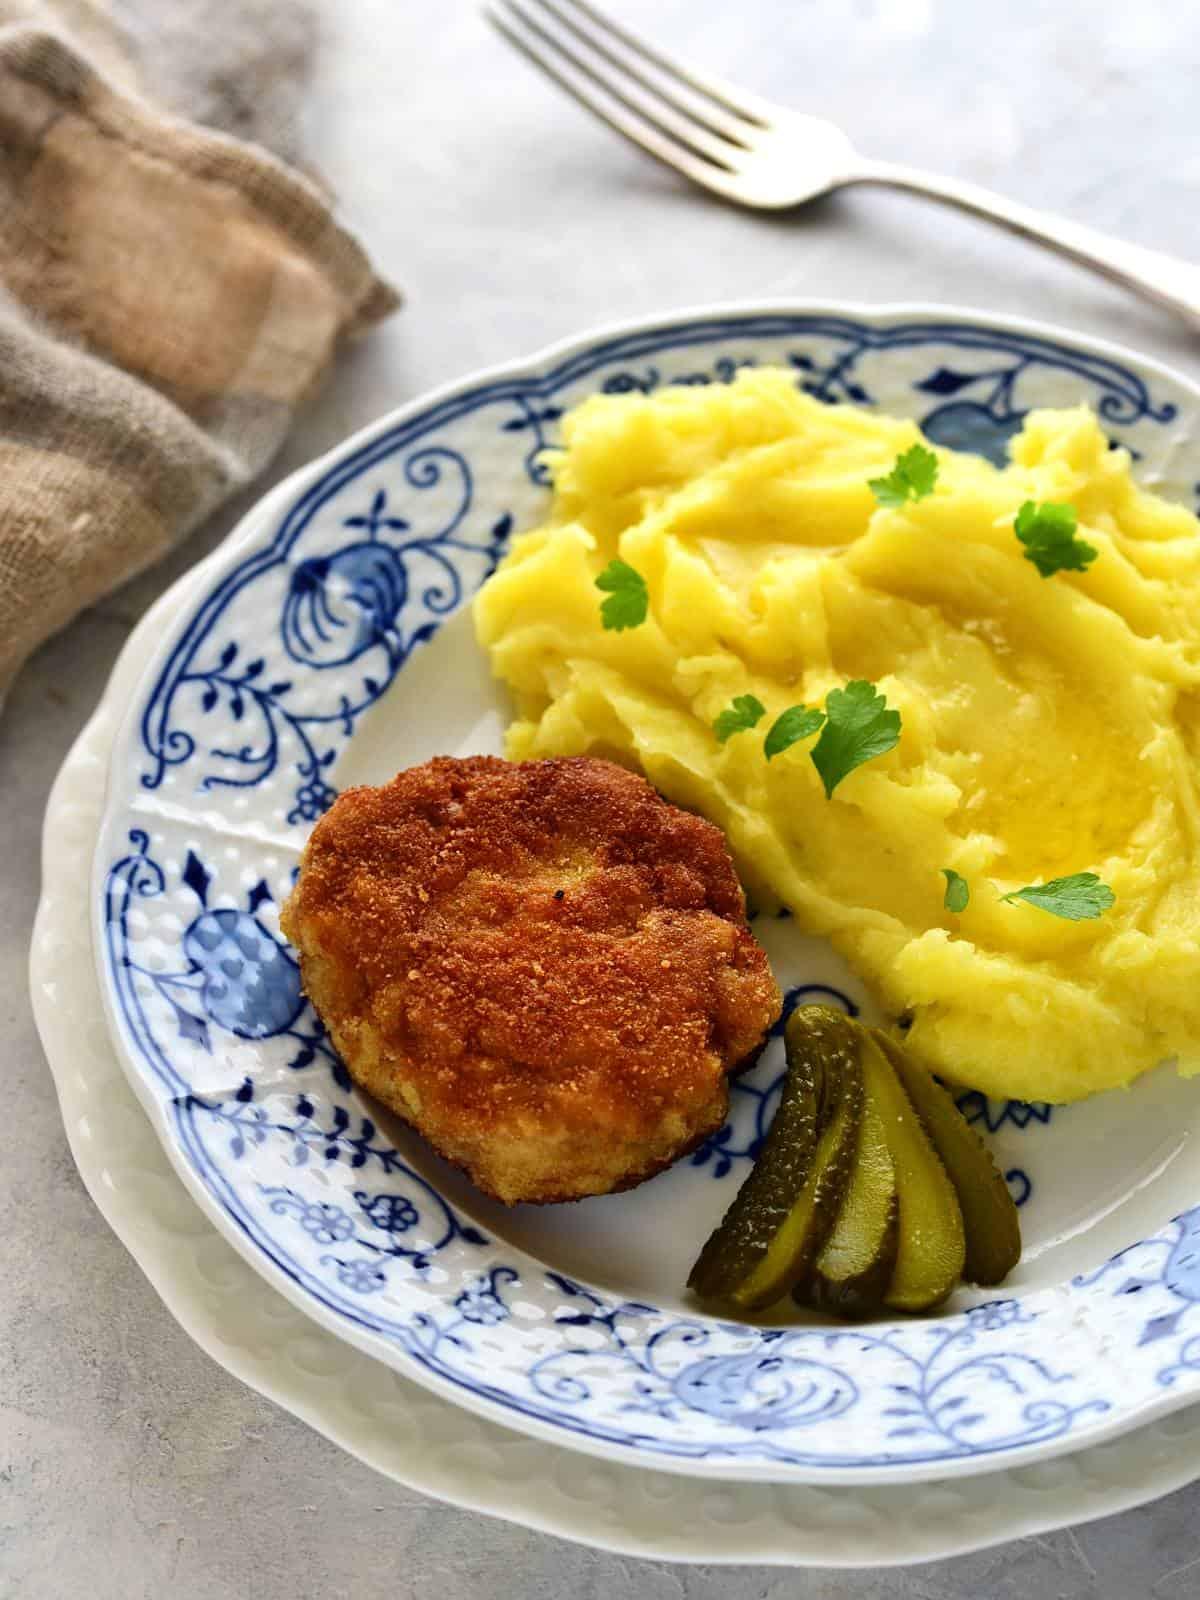 Czech holandský řízek, dutch holland schnitzel